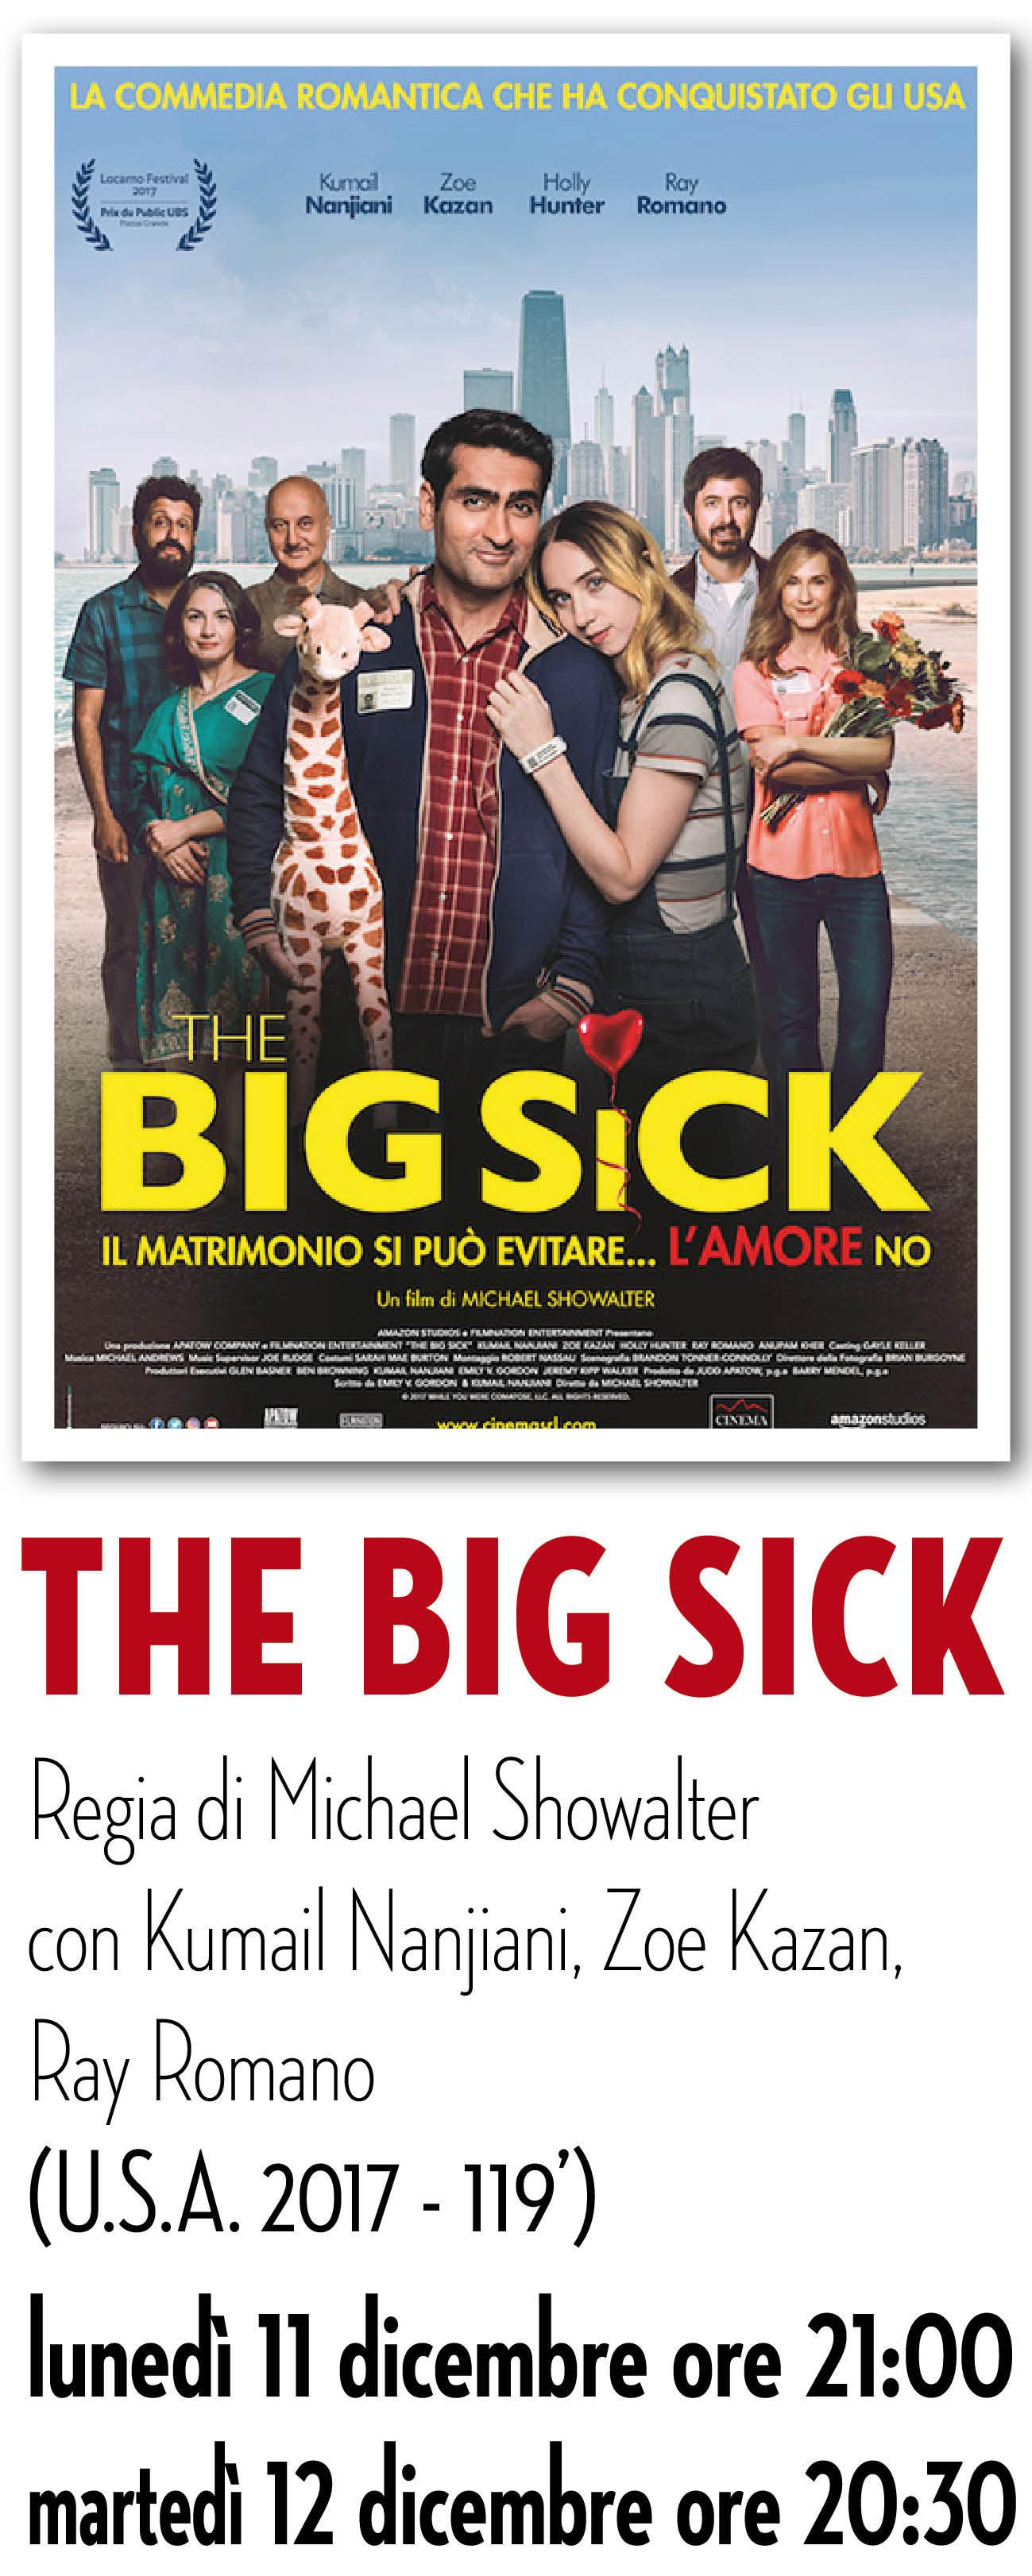 RICCIONE CINEMA D'AUTORE : THE BIG SICK